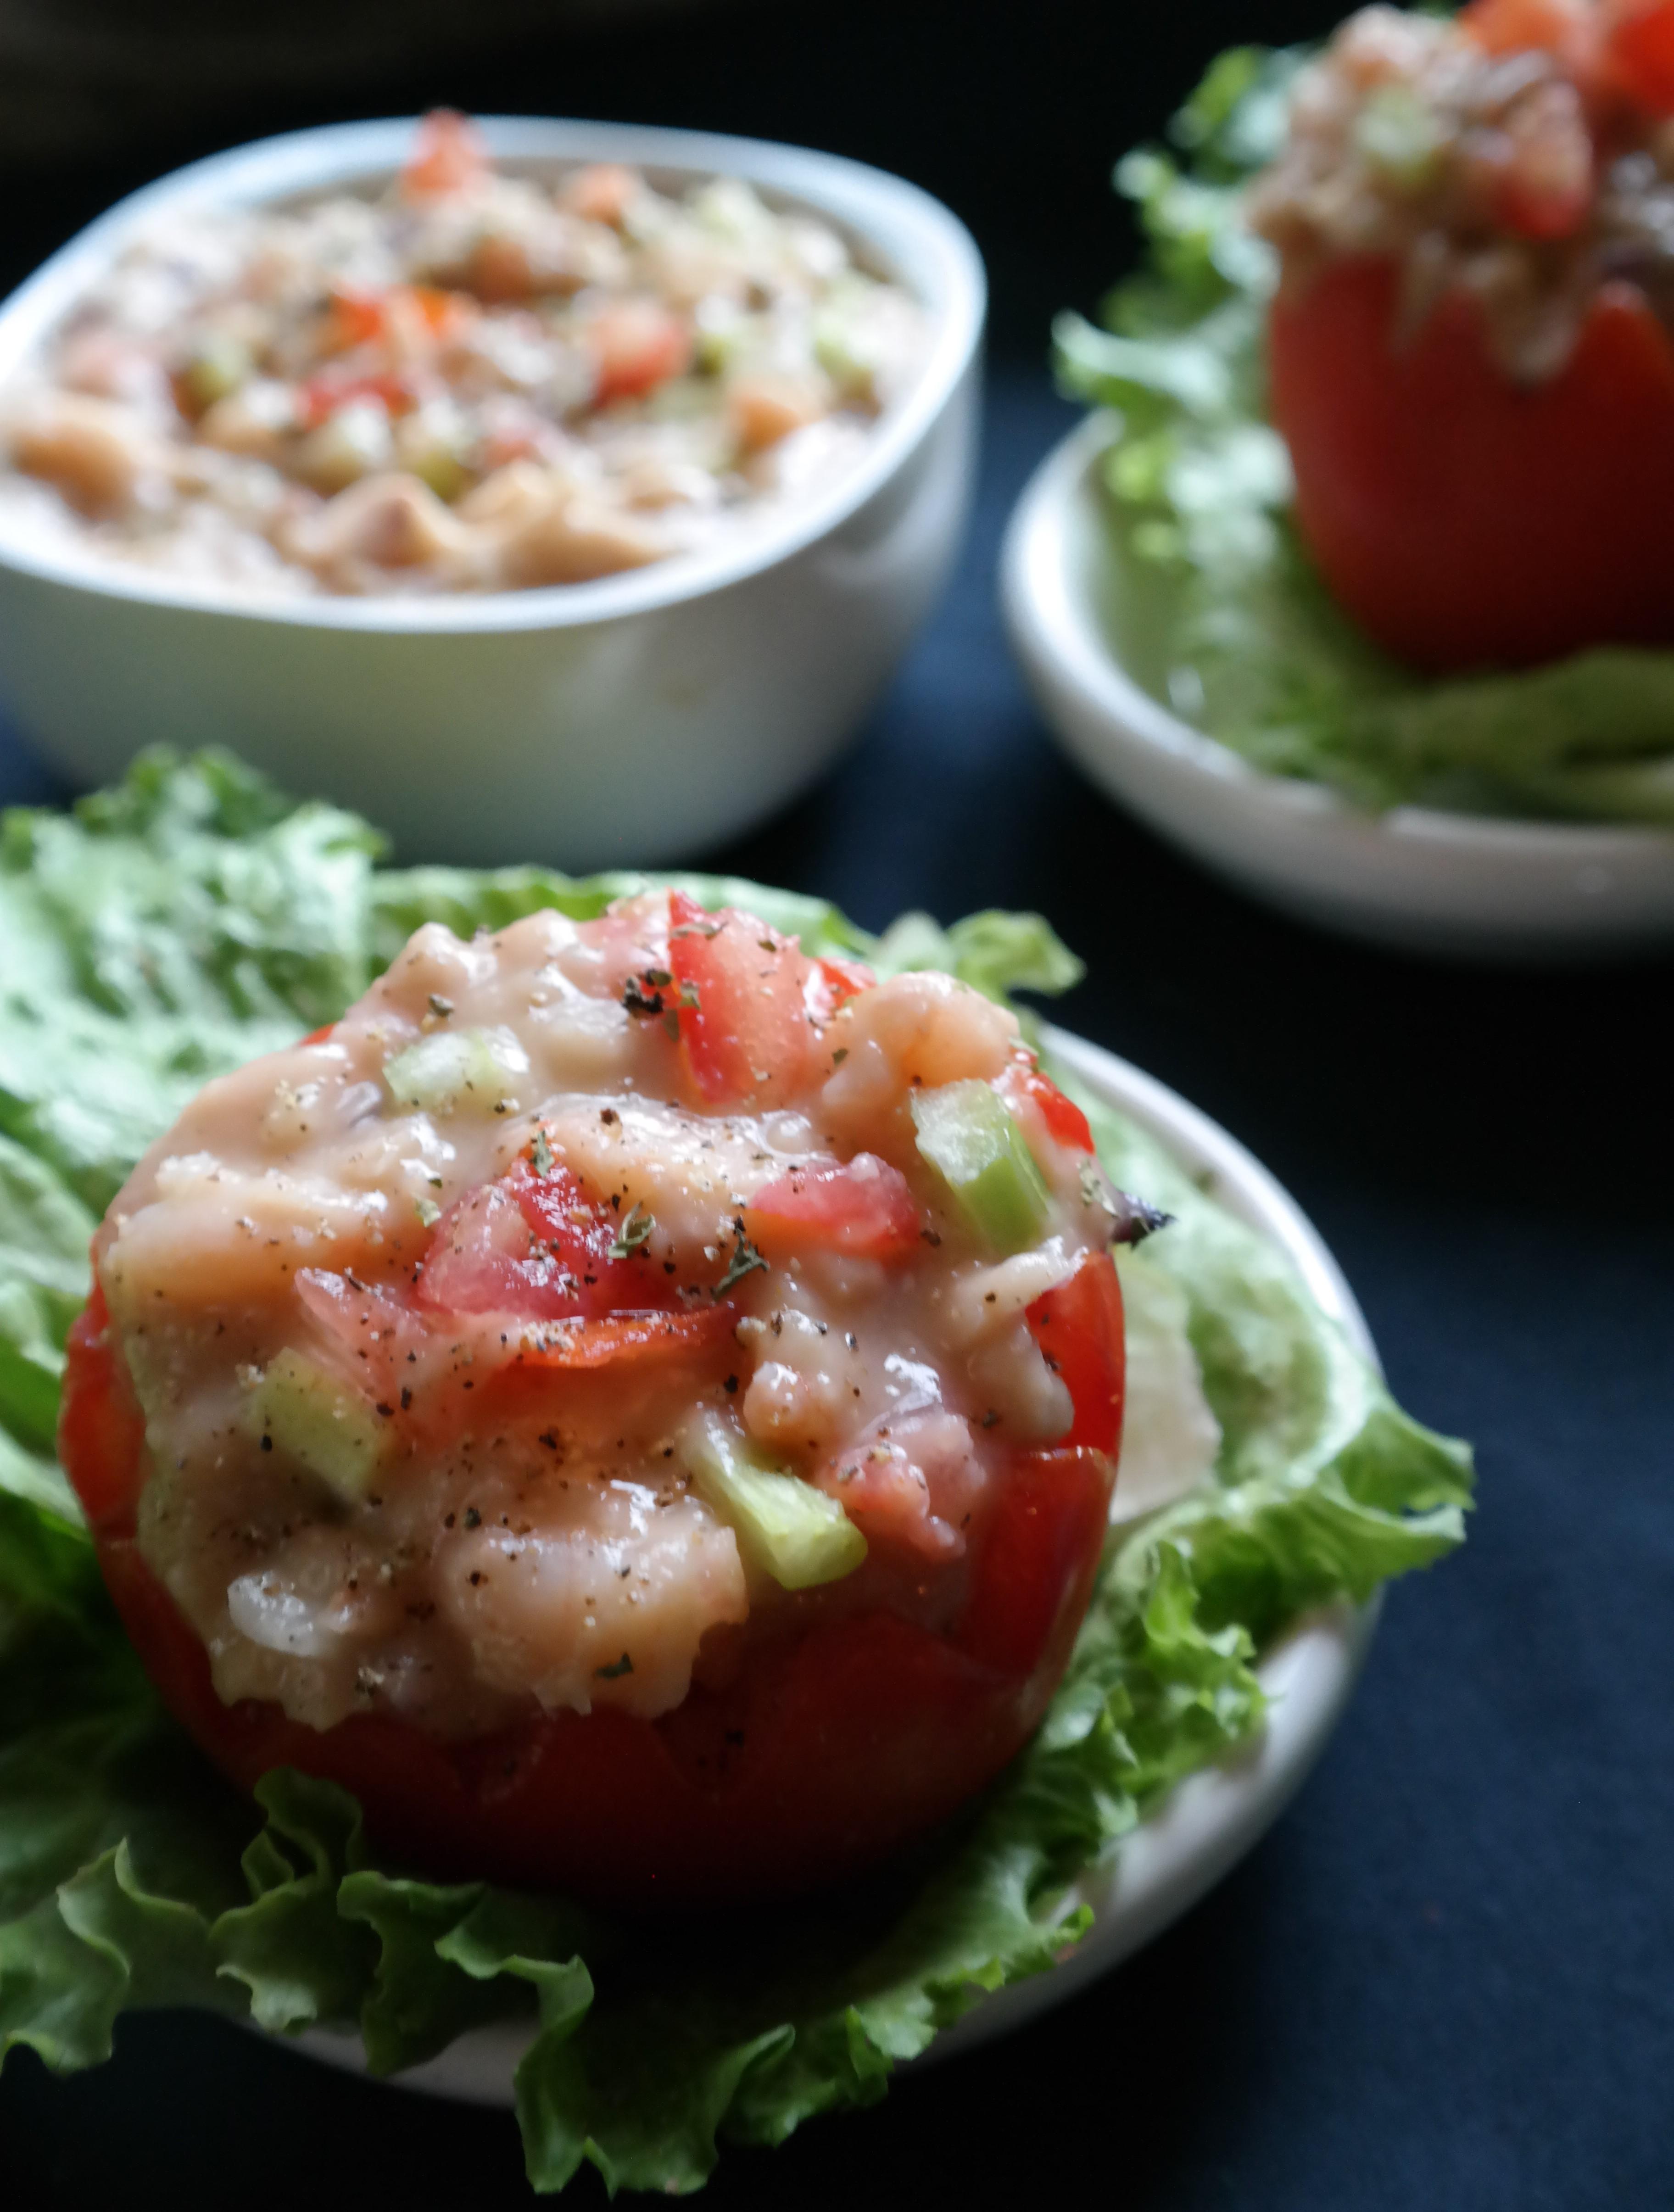 Leftover White Bean Shrimp Salad